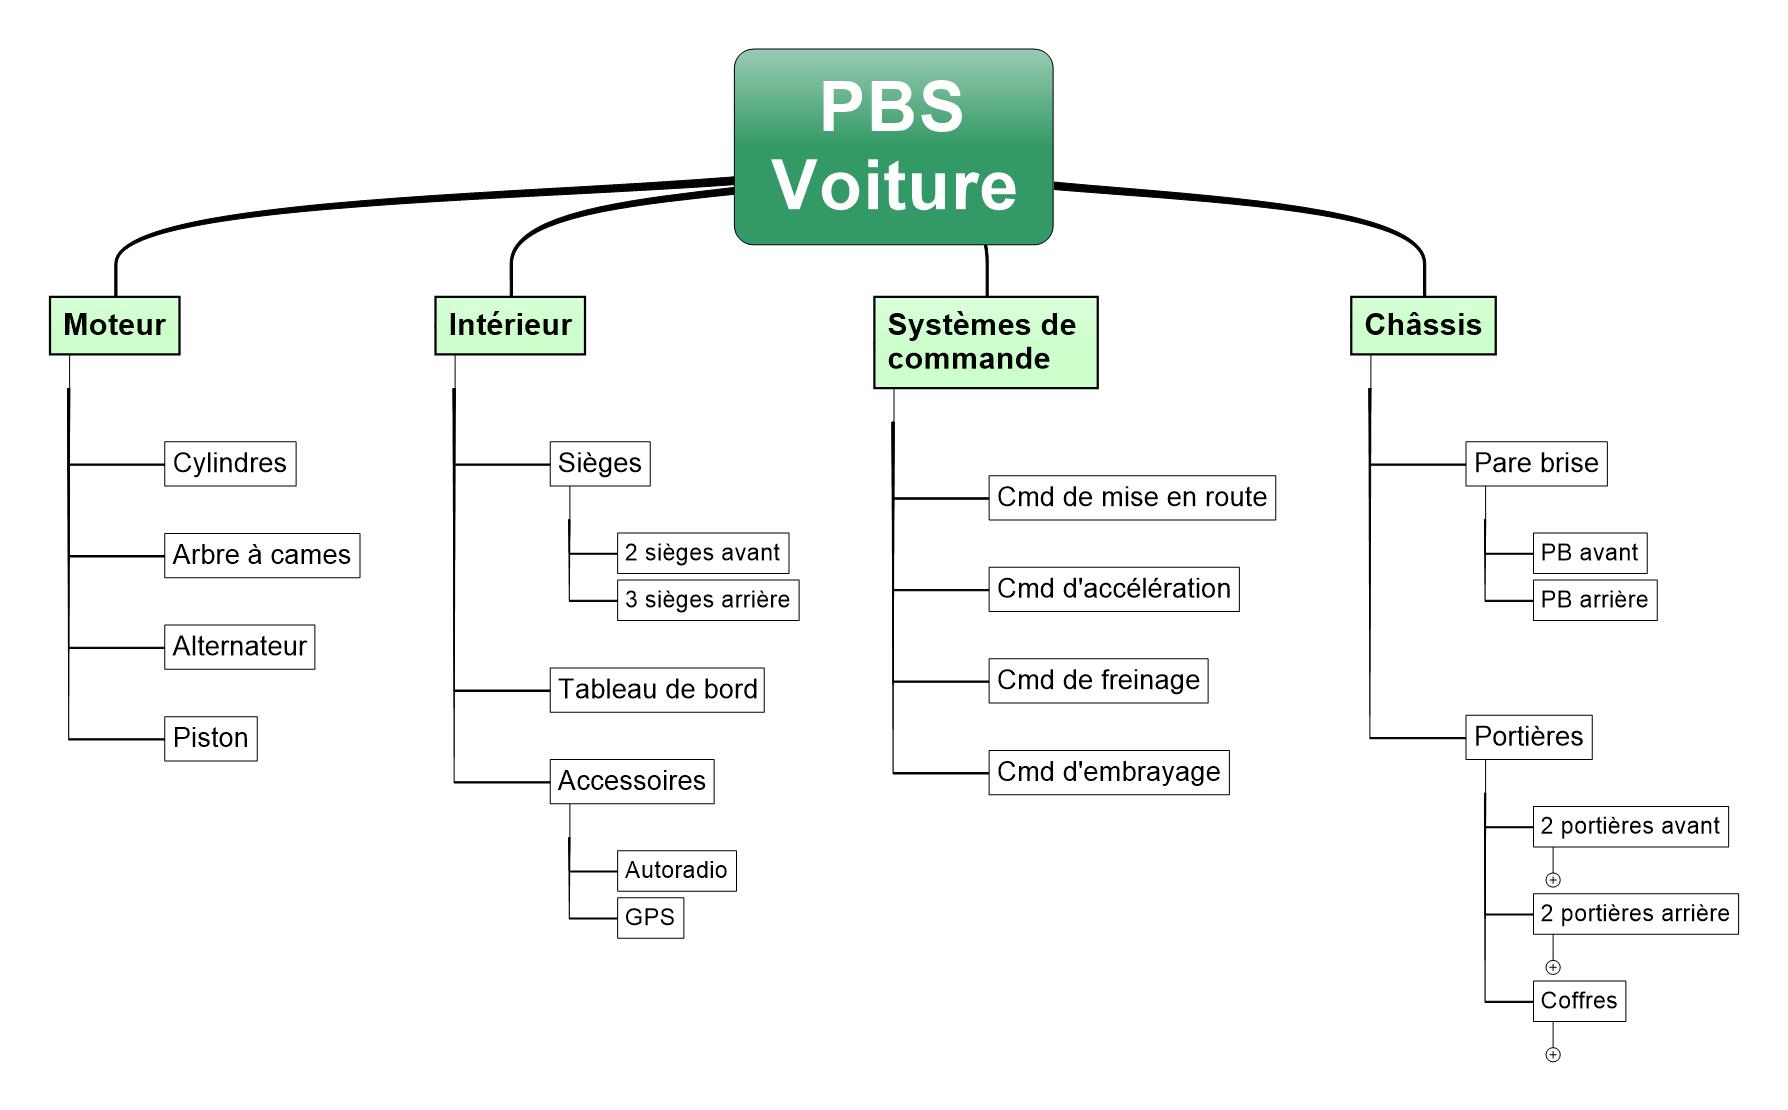 PBS 4D